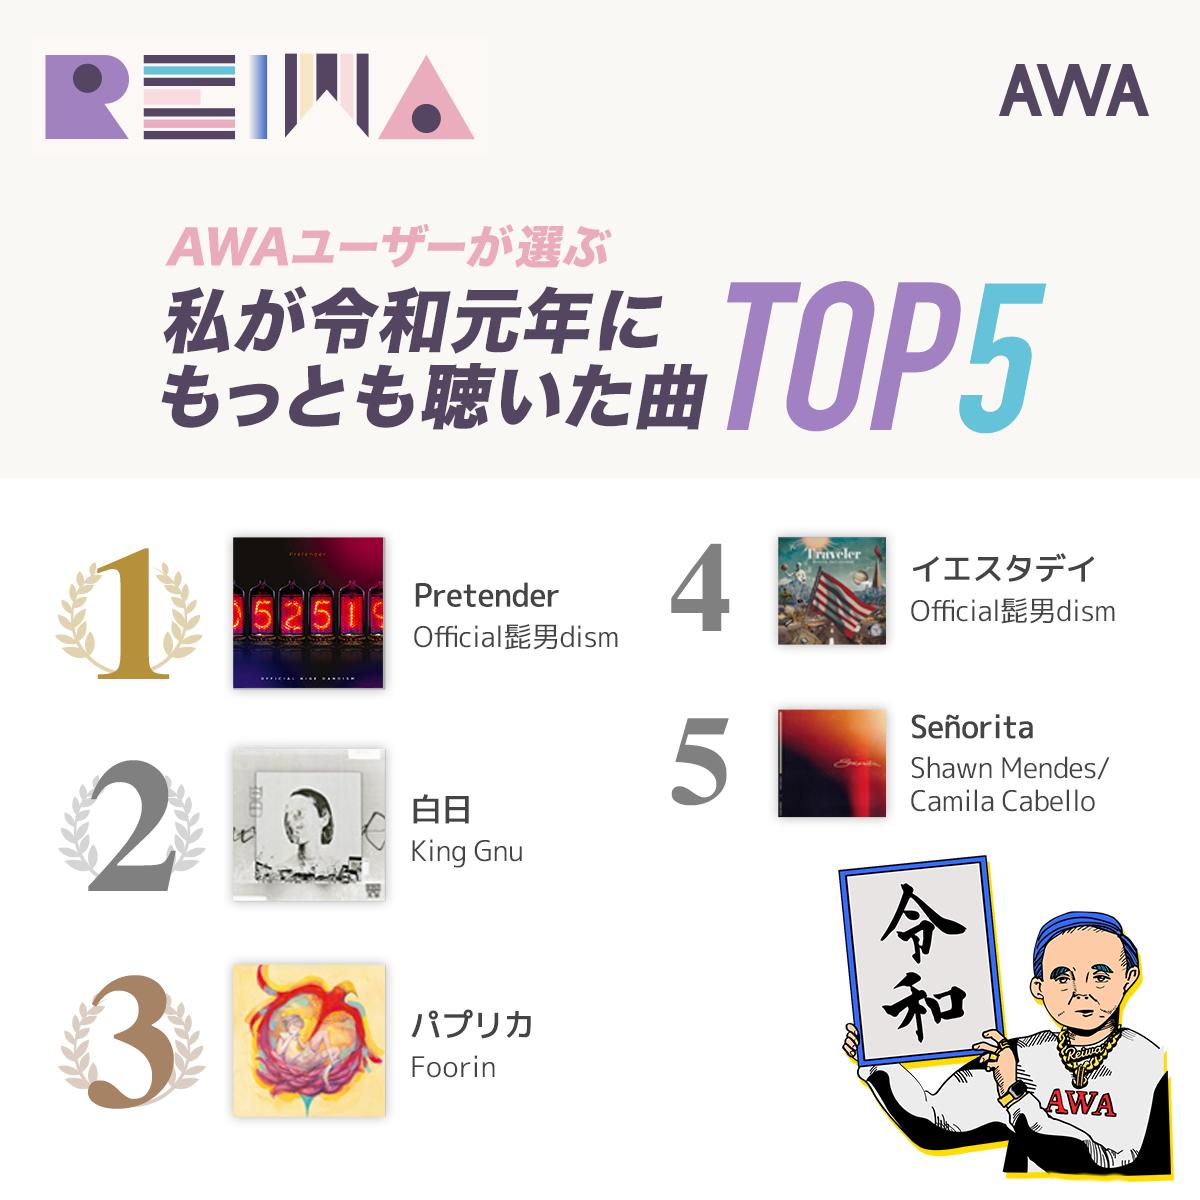 AWAユーザーが選ぶ!令和元年にもっとも聴いた曲